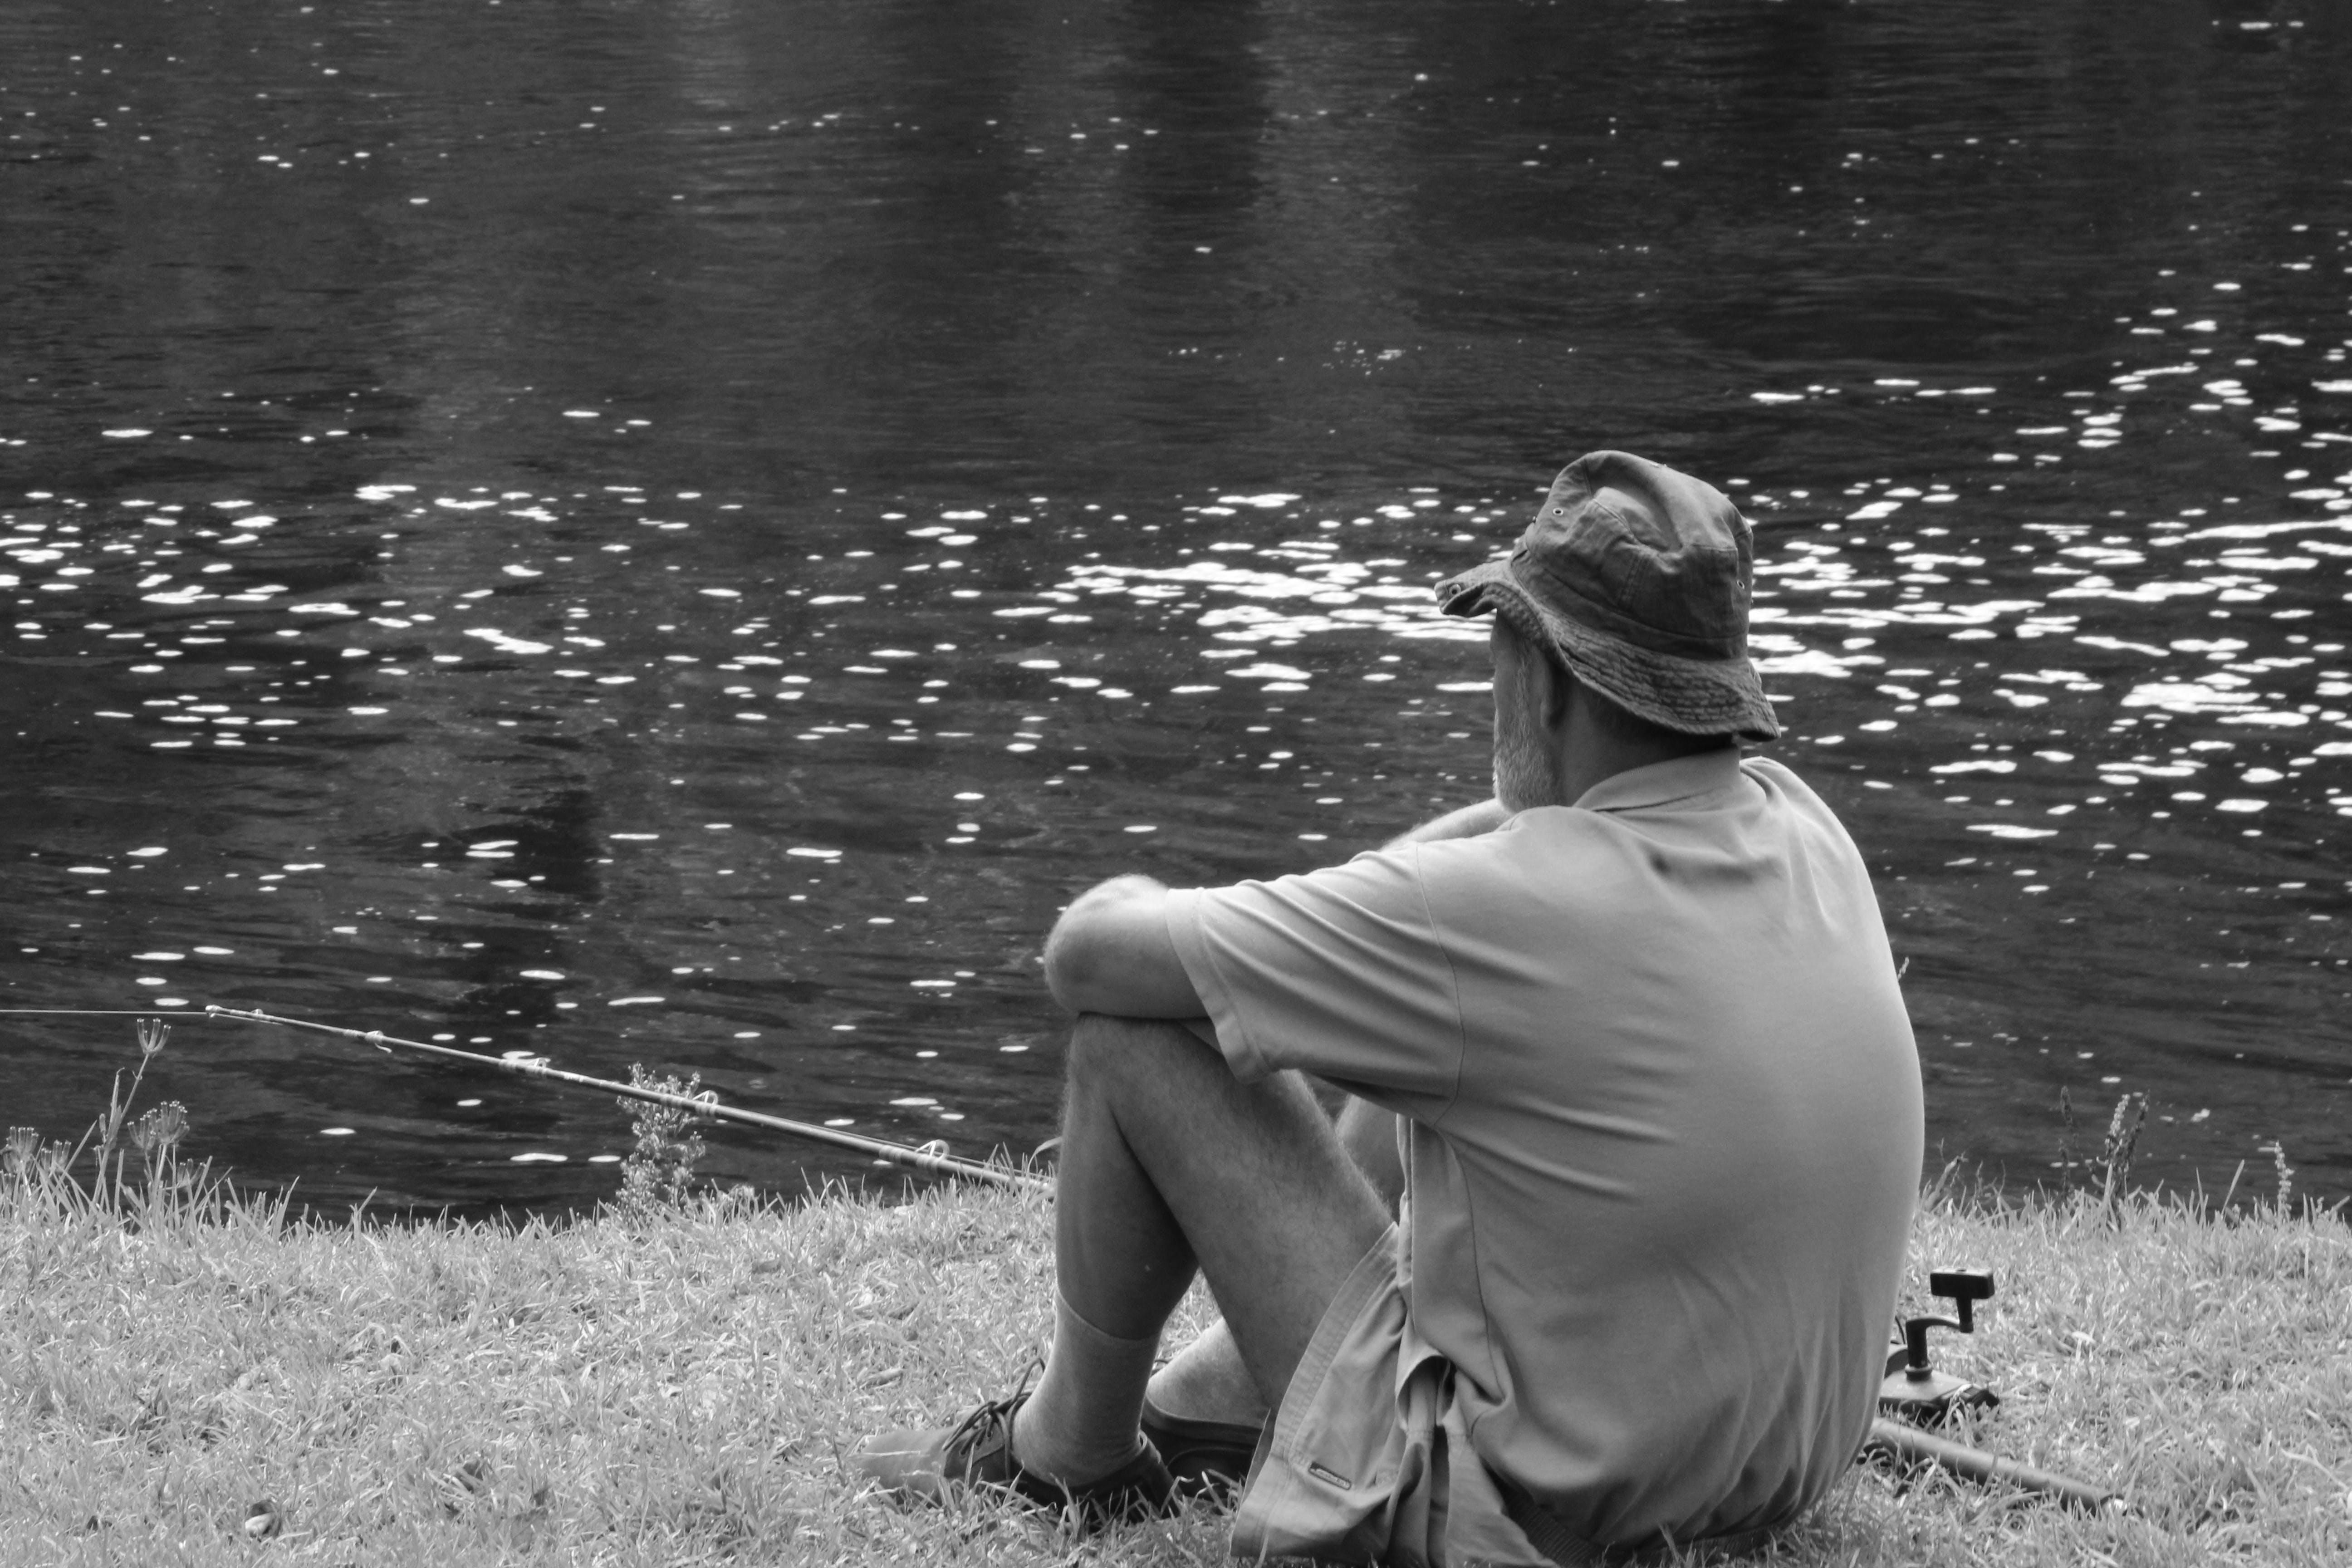 Man Sitting Facing Body Of Water